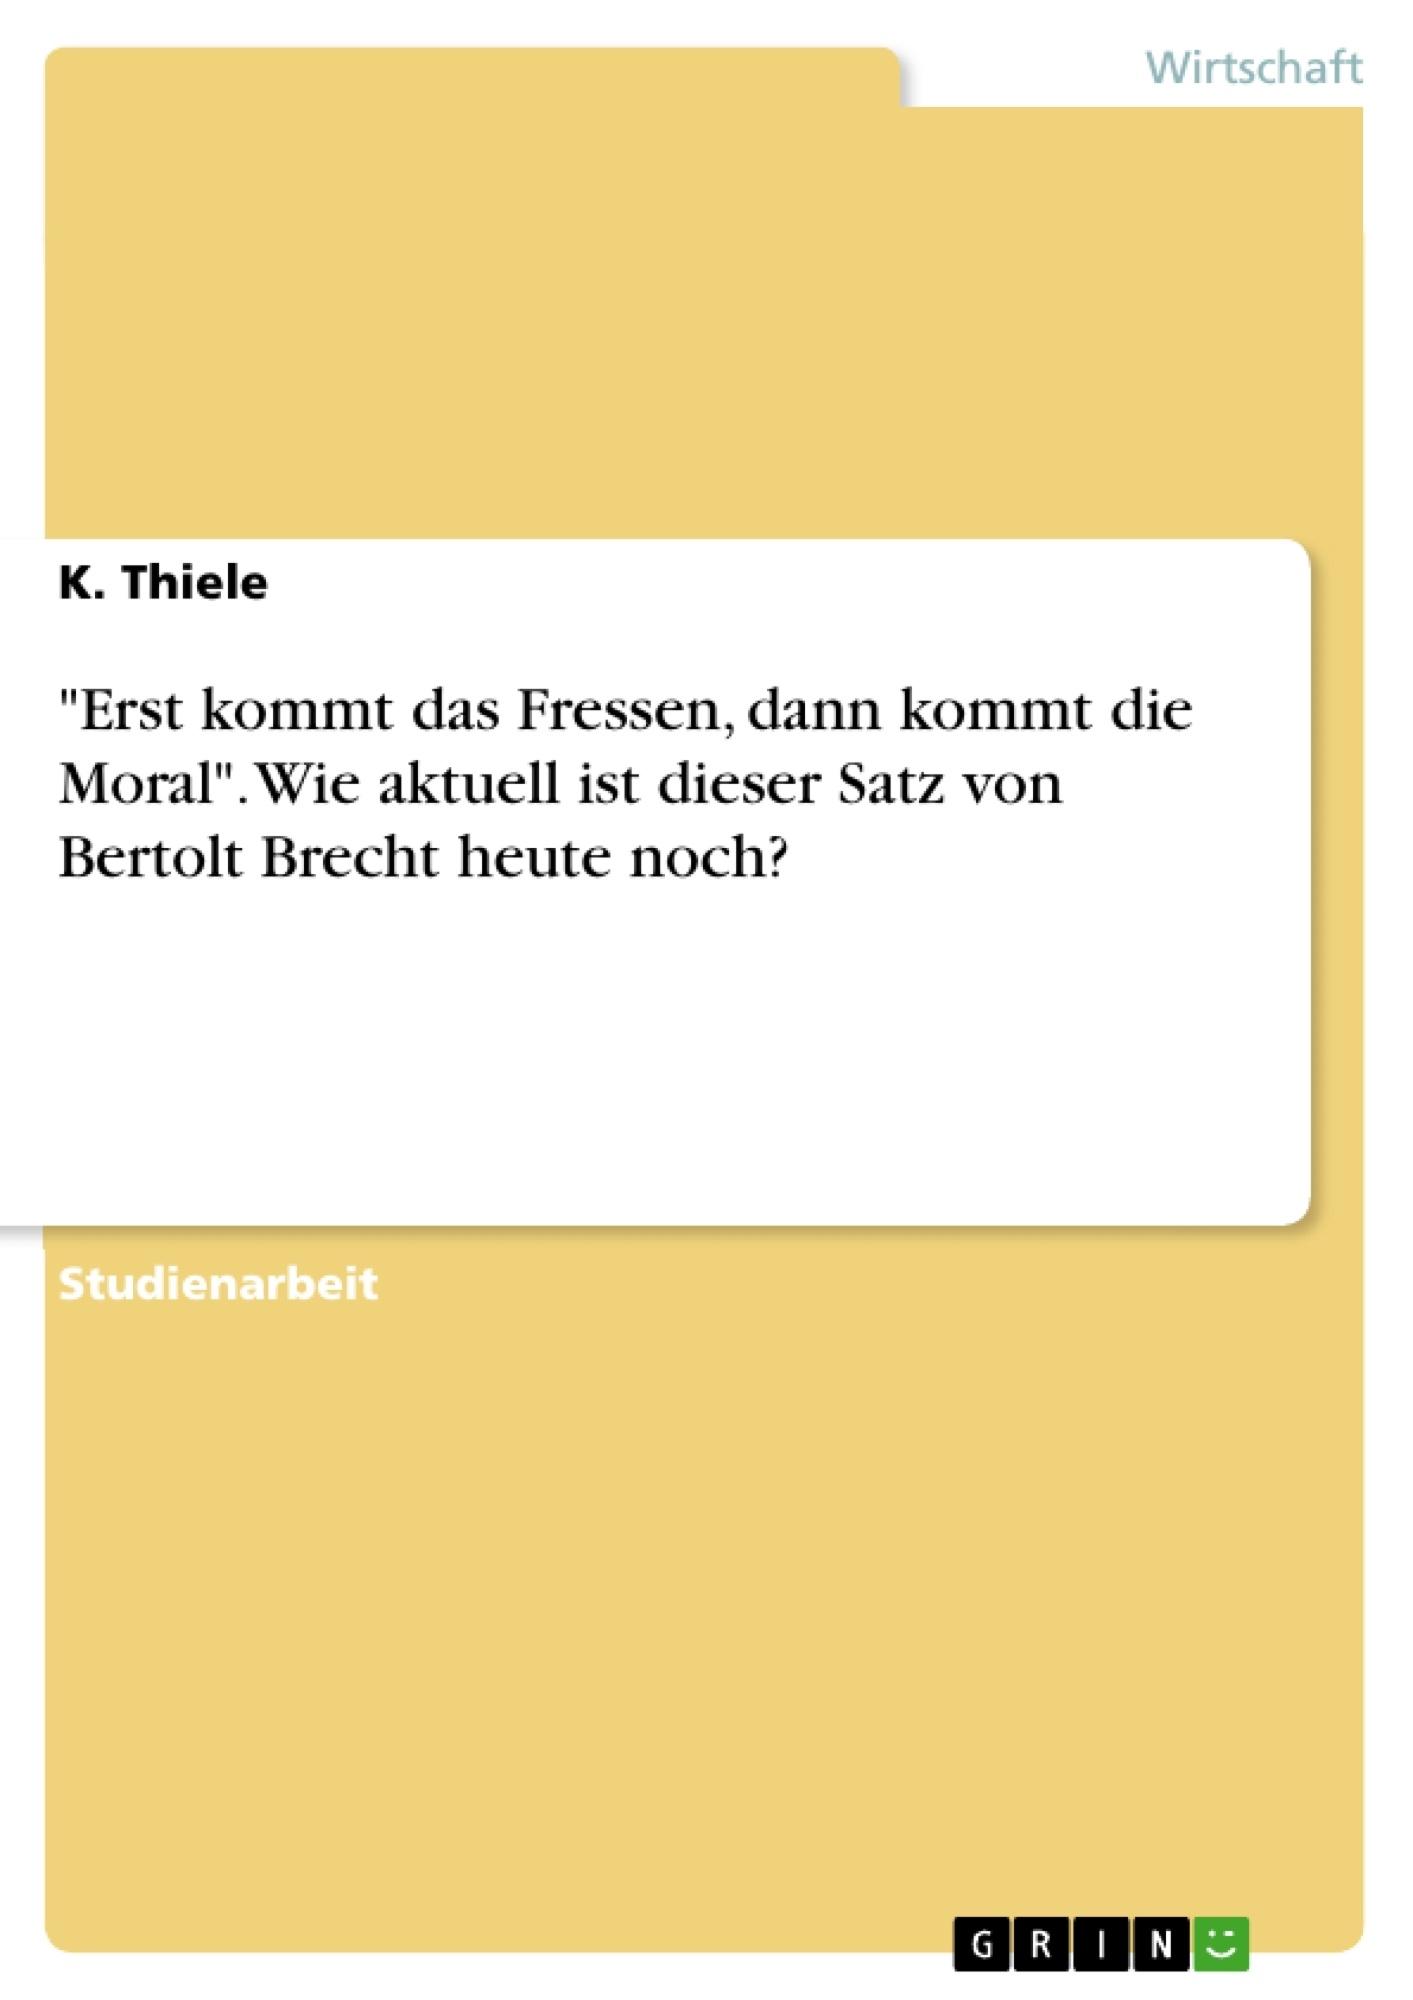 """Titel: """"Erst kommt das Fressen, dann kommt die Moral"""". Wie aktuell ist dieser Satz von Bertolt Brecht heute noch?"""